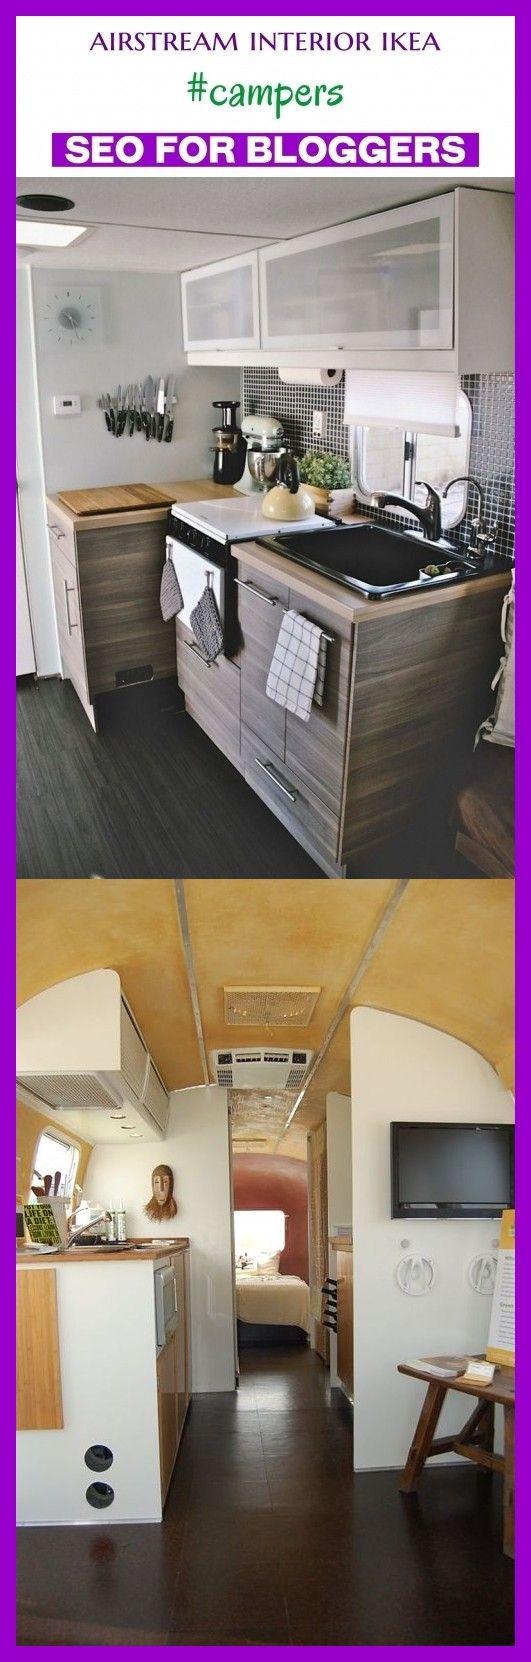 Airstream interior ikea airstream interior bohemian, airstream interior renovation, airstream inter